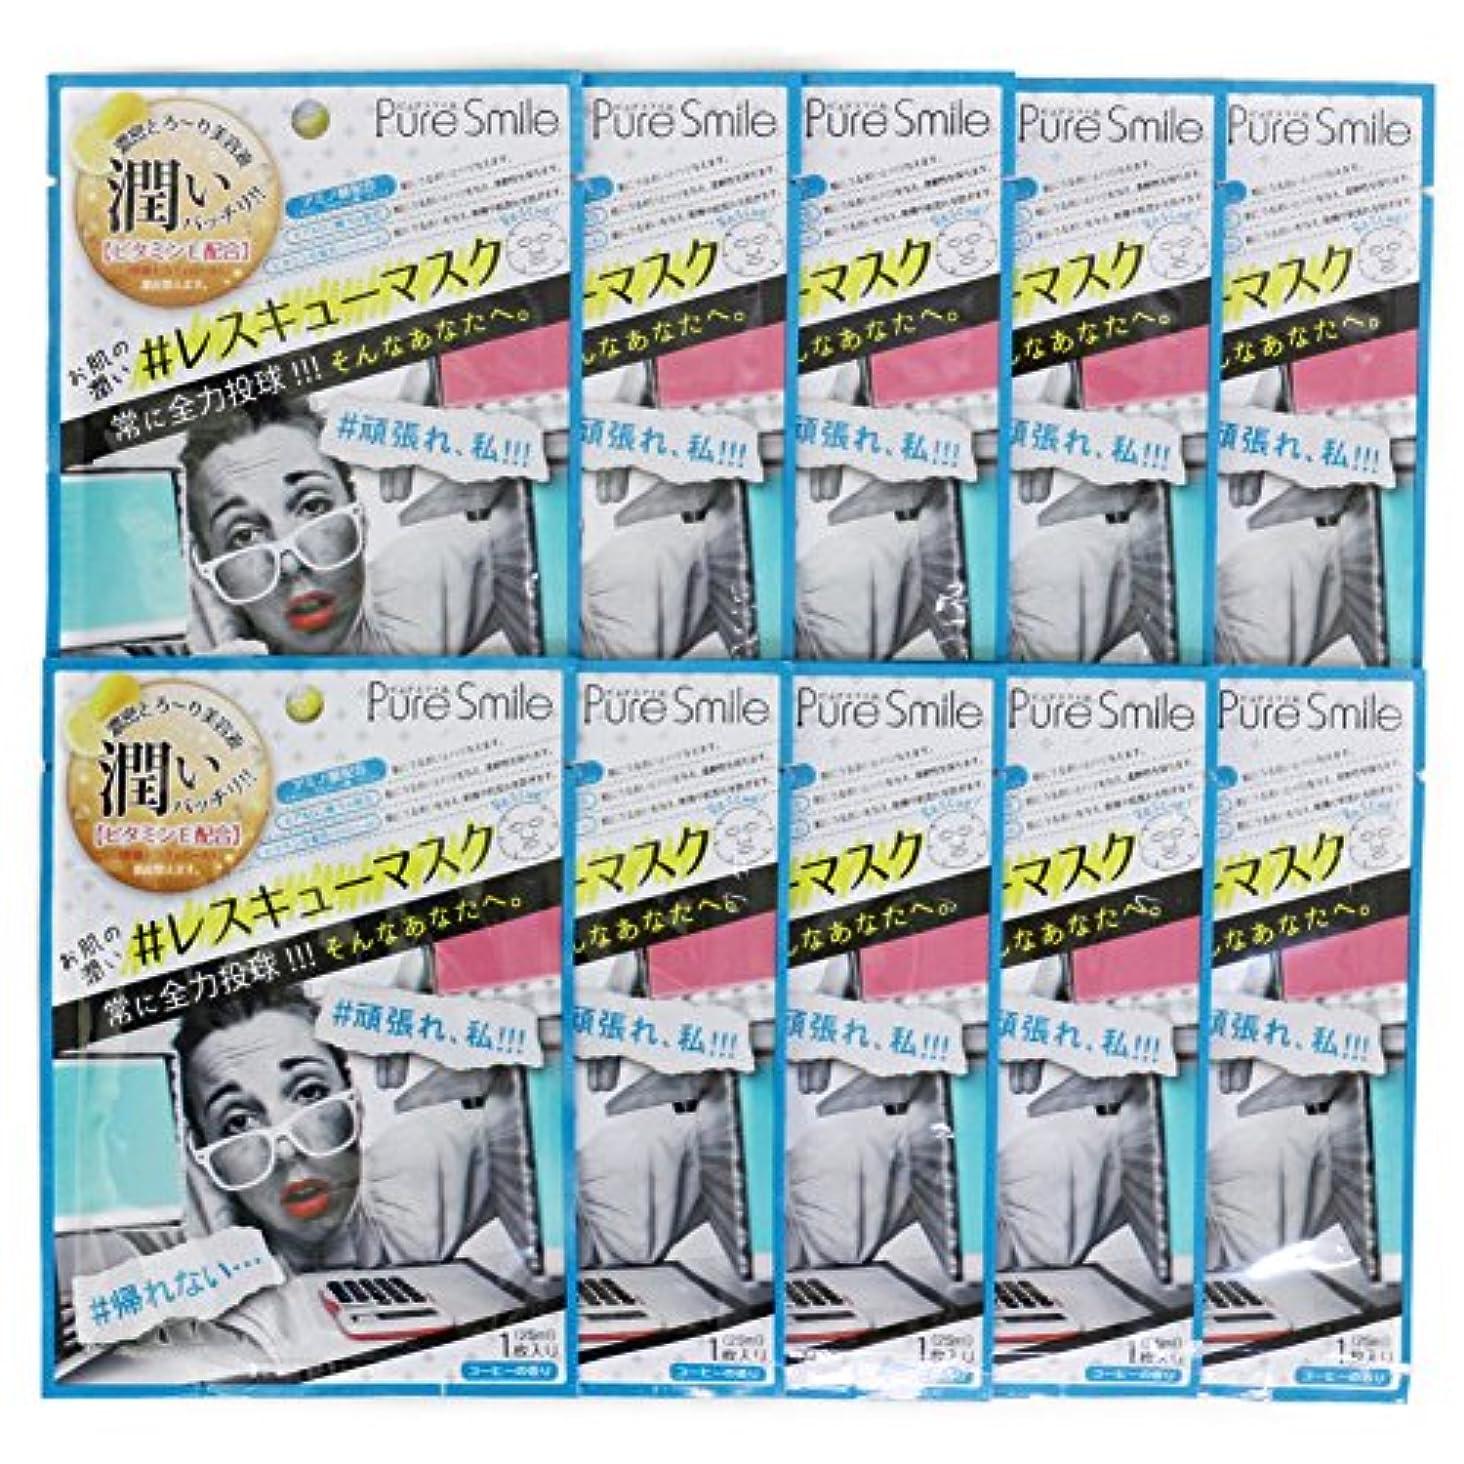 すぐに時期尚早延期するPure Smile ピュアスマイル RCSエッセンスマスク コーヒー 10枚セット